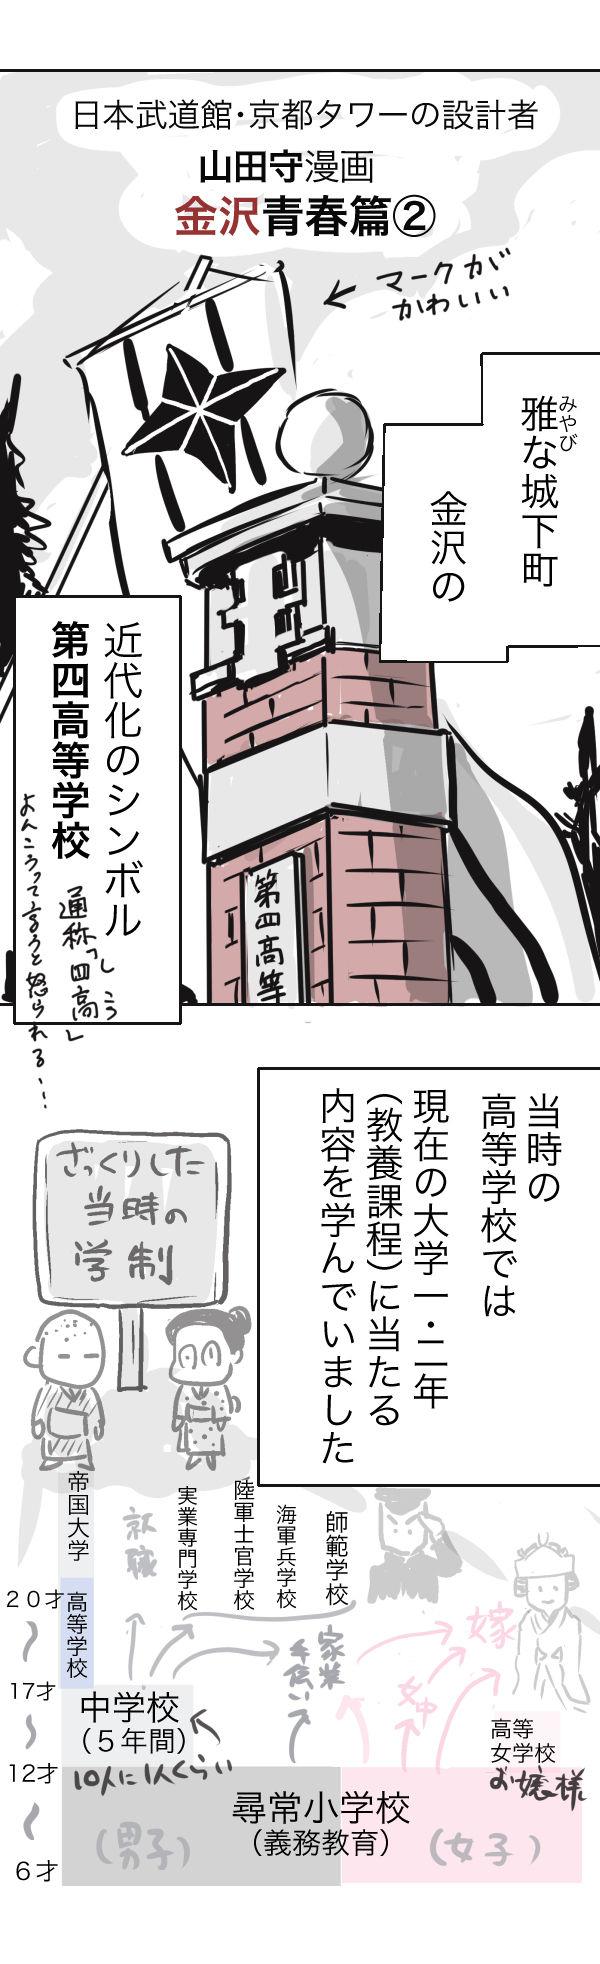 山田金沢2−1−1